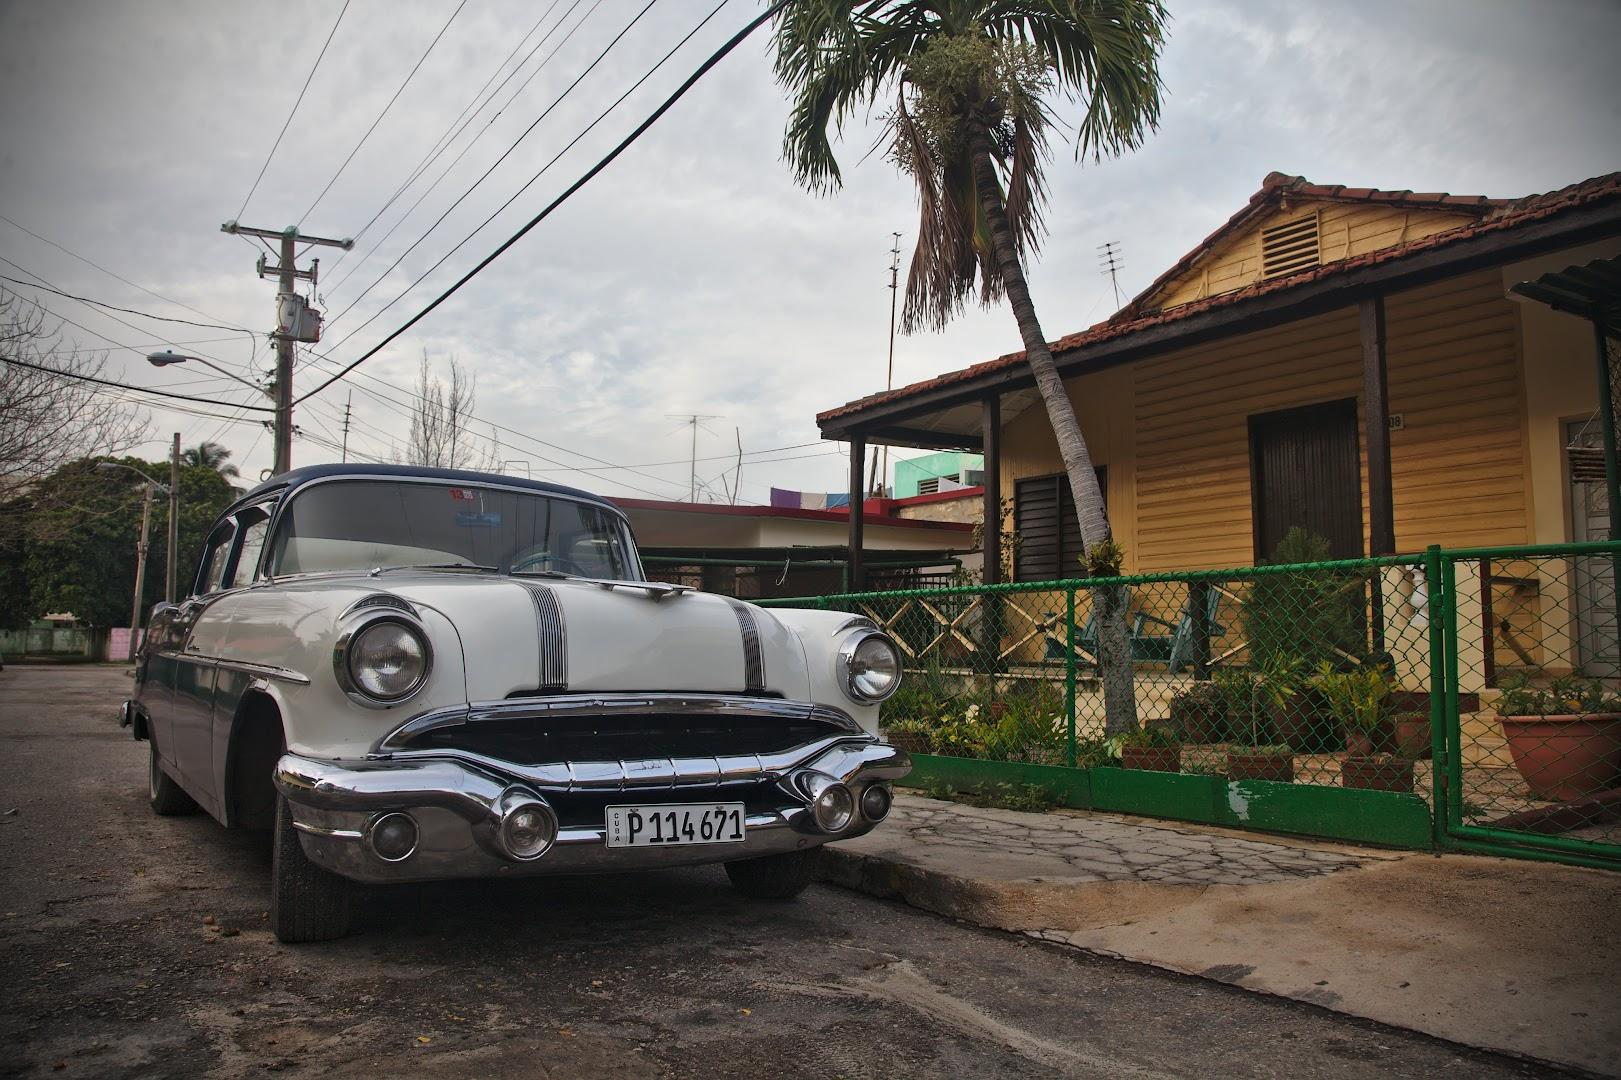 Random street in Varadero